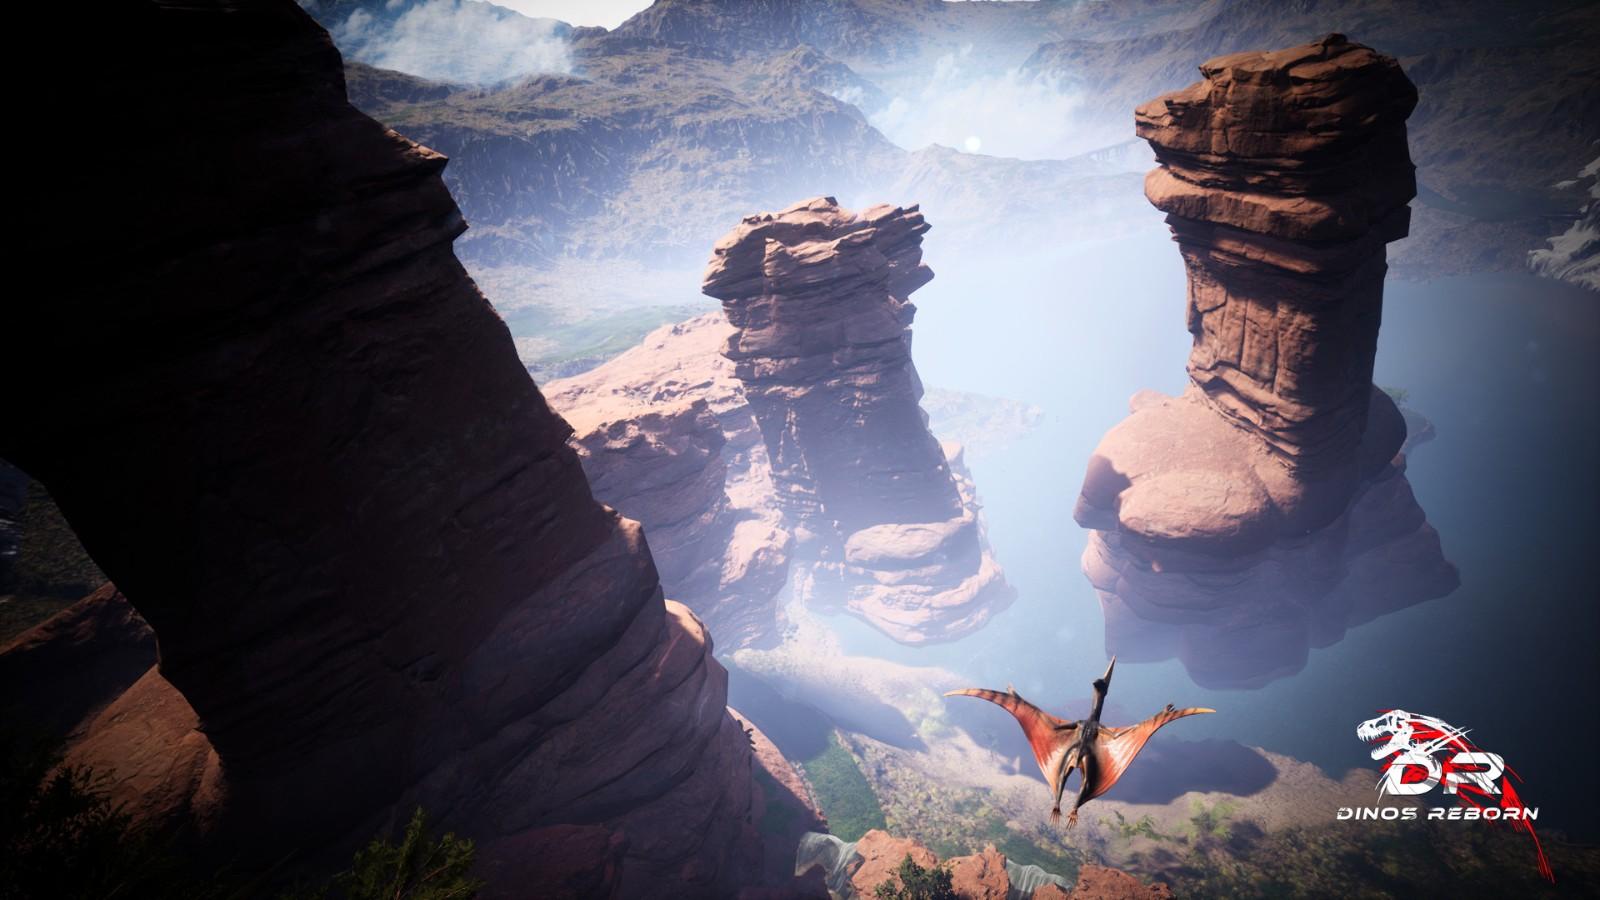 第一人称开放世界生存游戏《恐龙重生》公布 支持简中